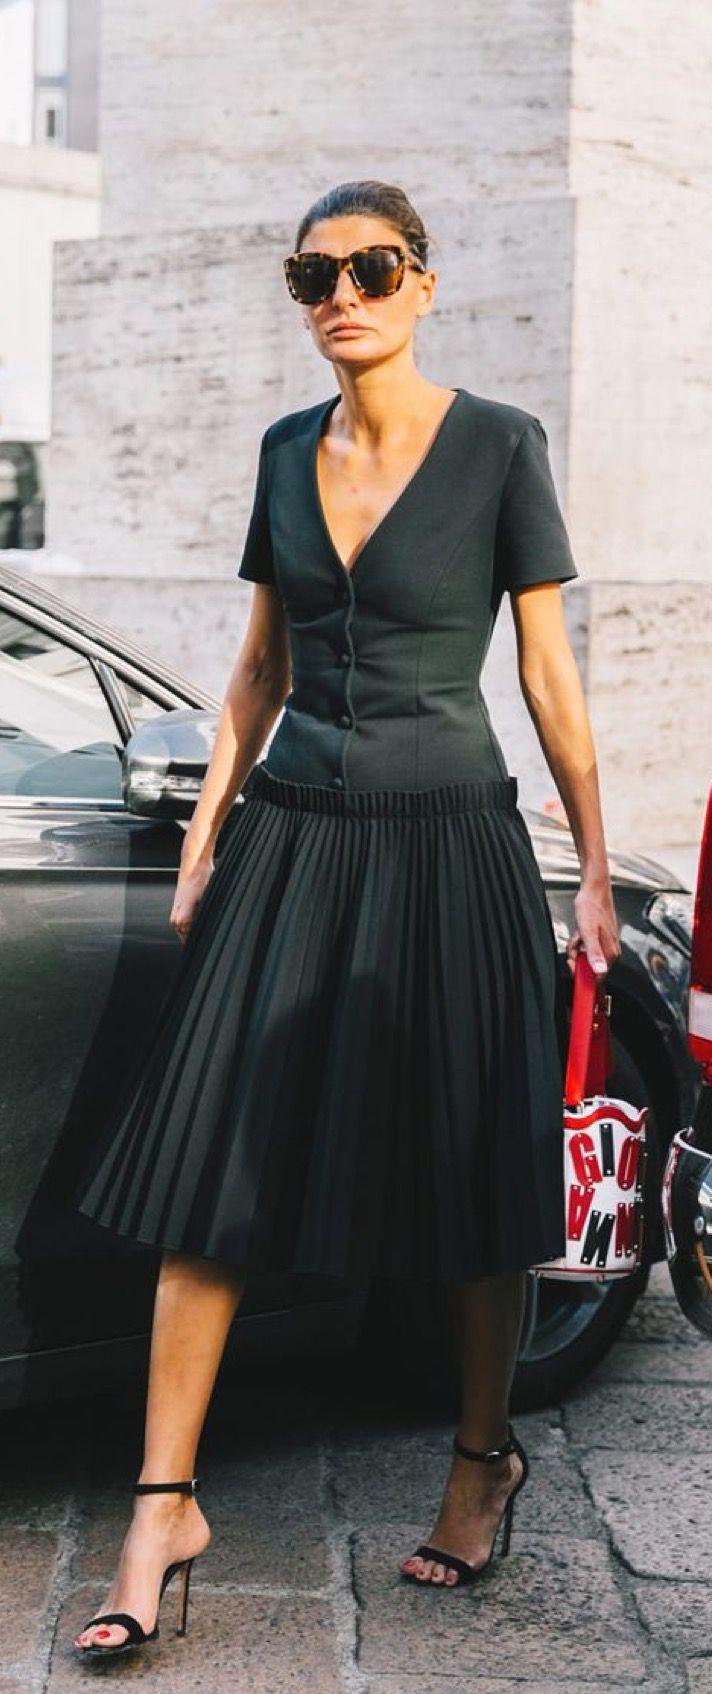 Kleid italienischer stil